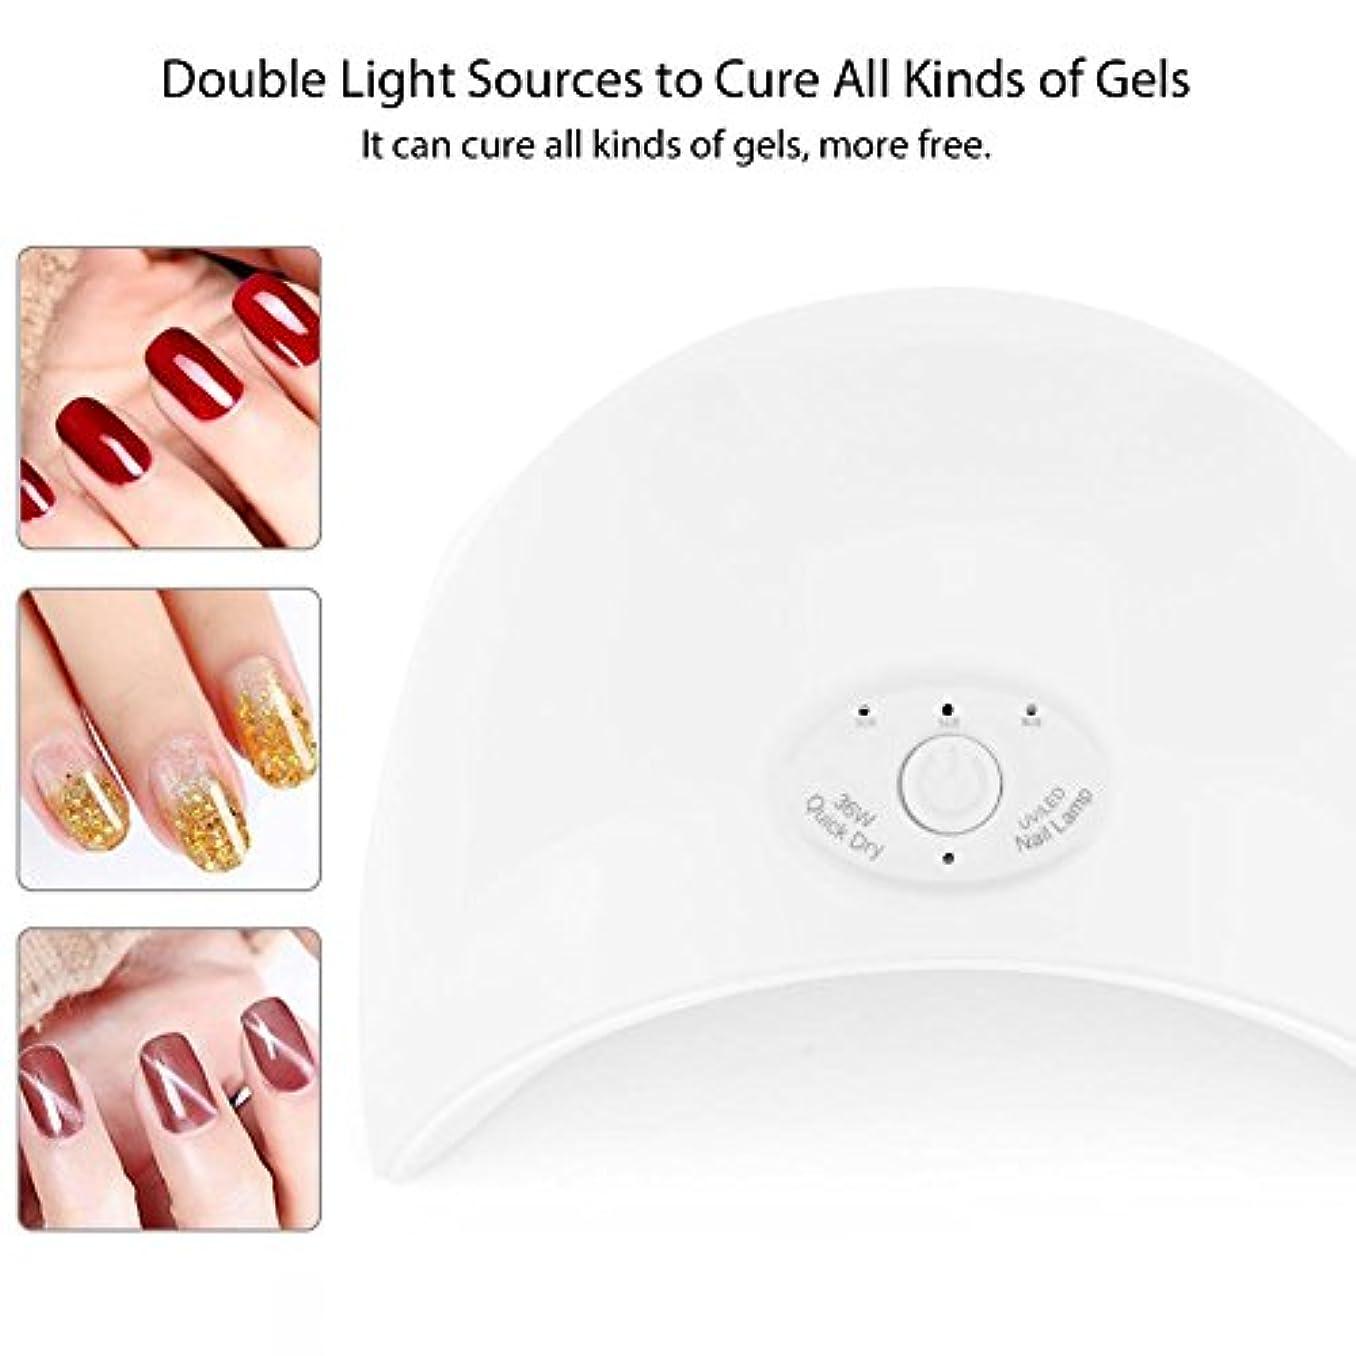 シンプトンプール食器棚ネイルランプ、スマートセンサーネイルアートツールを使用したネイルジェルポリッシュ硬化用UVLEDネイルドライヤー(白い)